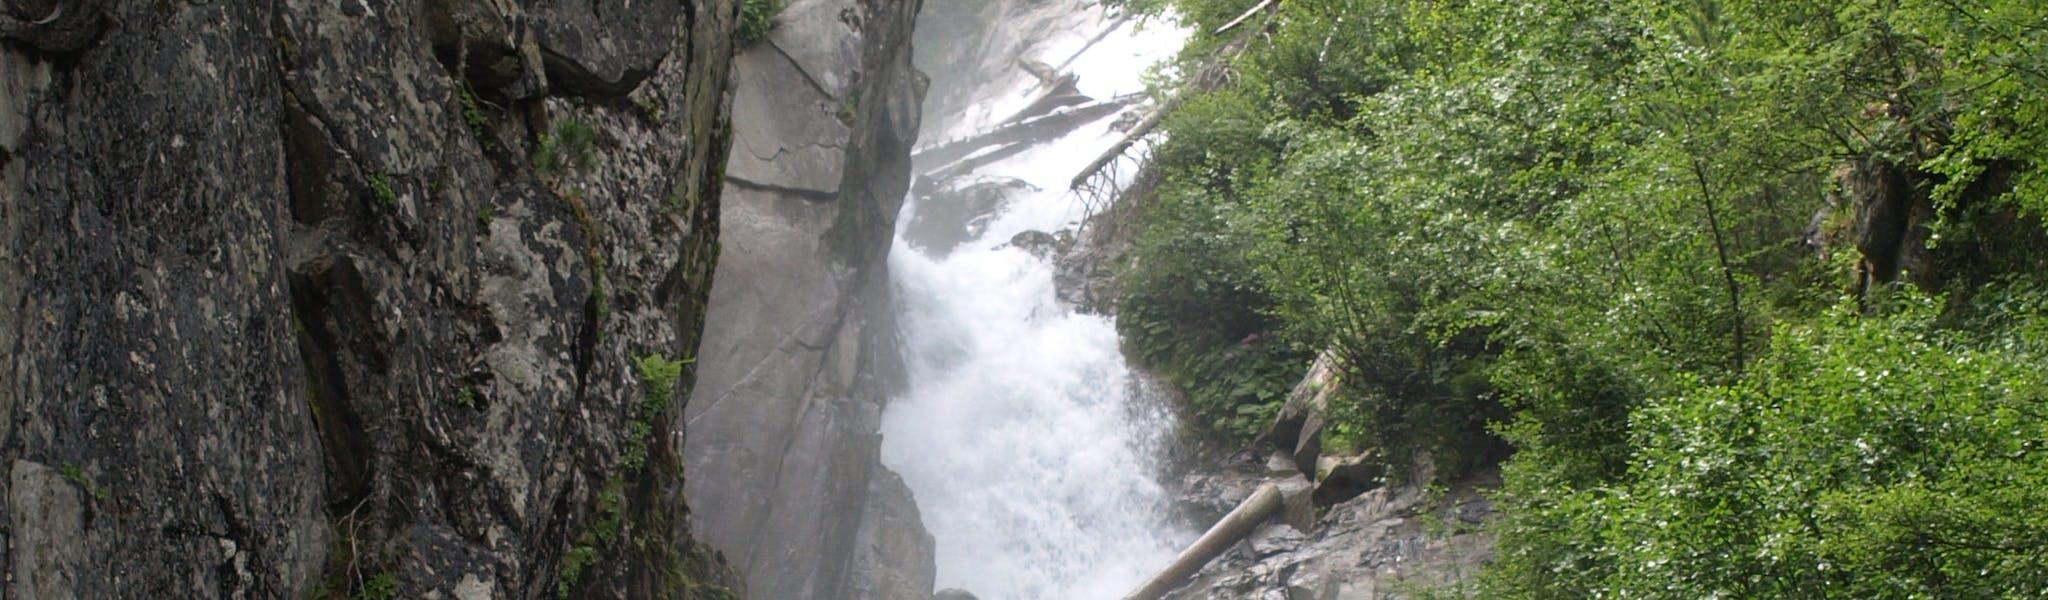 watervallen bij camping Natterer See